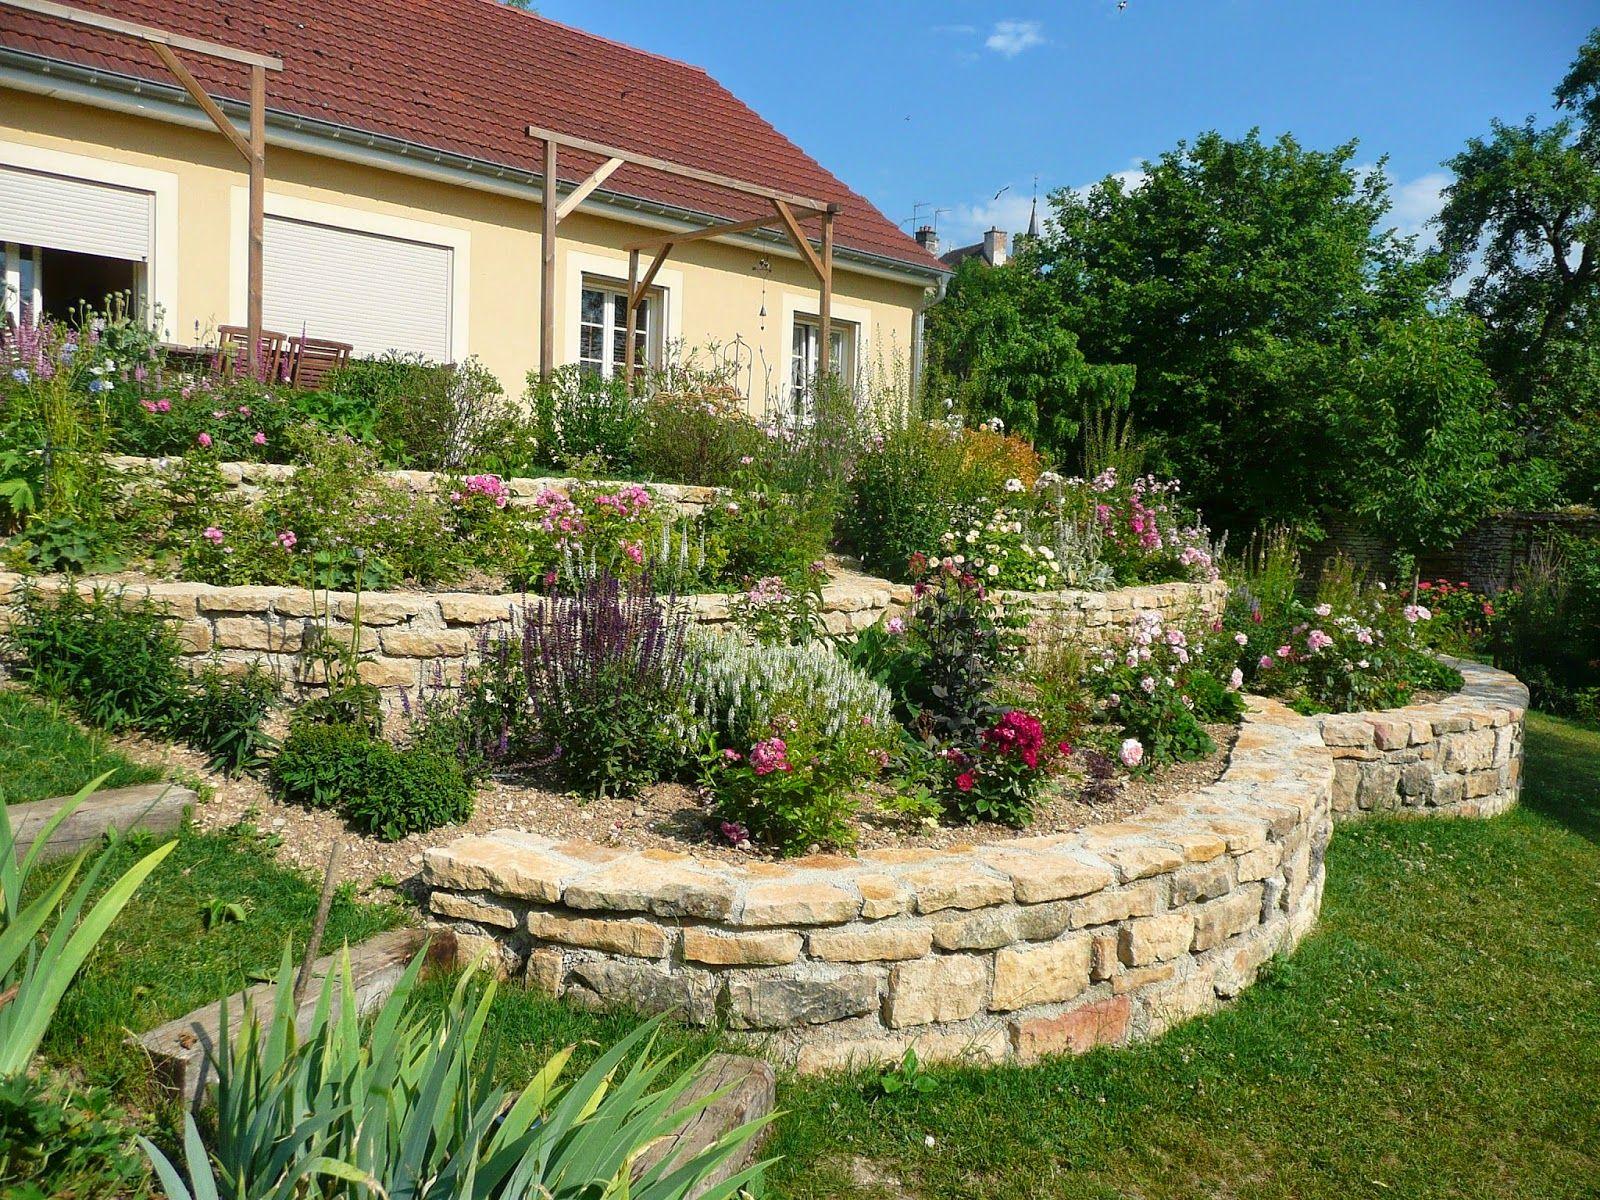 Fleur Tailler Jardin En Pente Pinterest Murs De Sout Nement